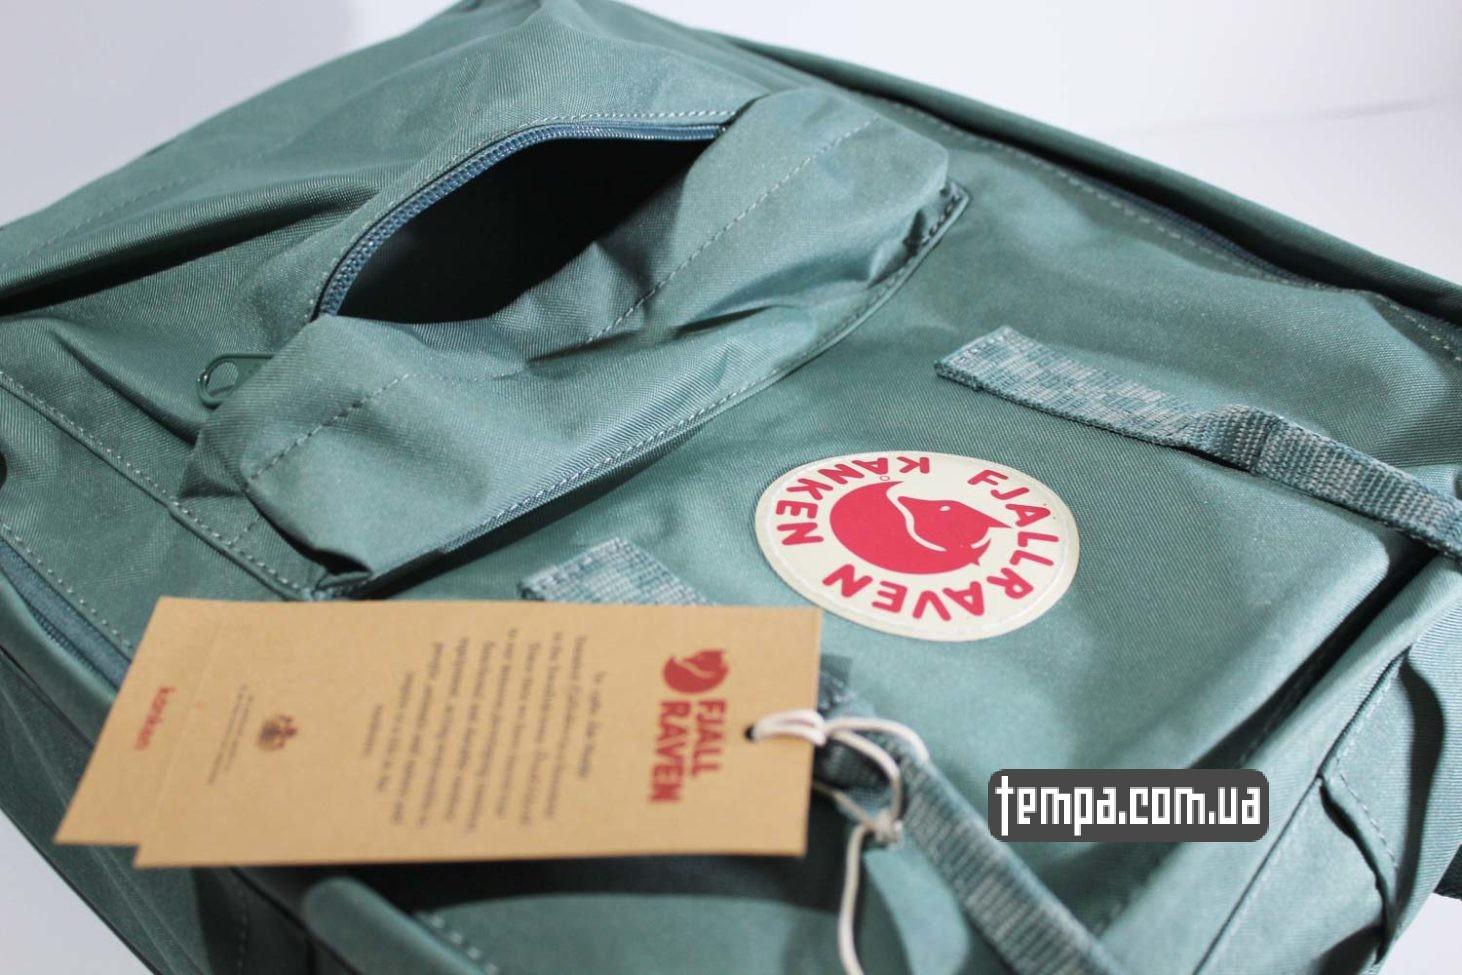 официальный сайт рюкзаков Купить Рюкзак Fjallraven Kanken 16 зеленый с ручками